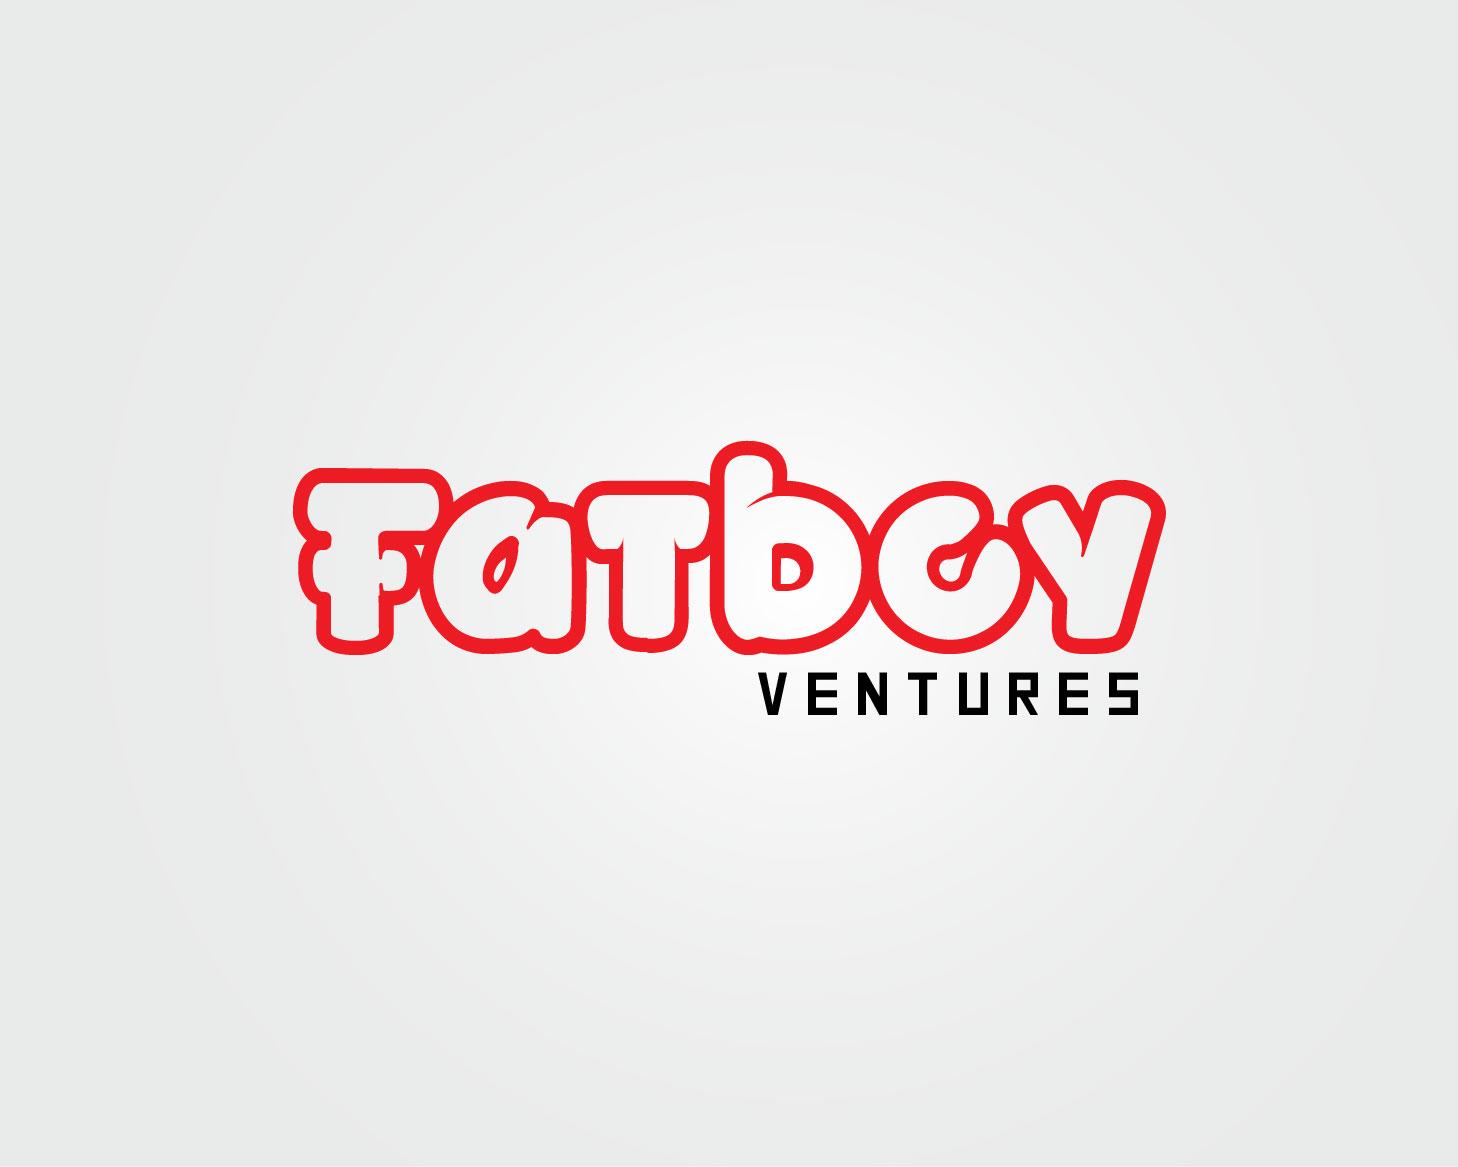 Logo Design by Rowel Samson - Entry No. 121 in the Logo Design Contest Fun Logo Design for Fat Boy Ventures.